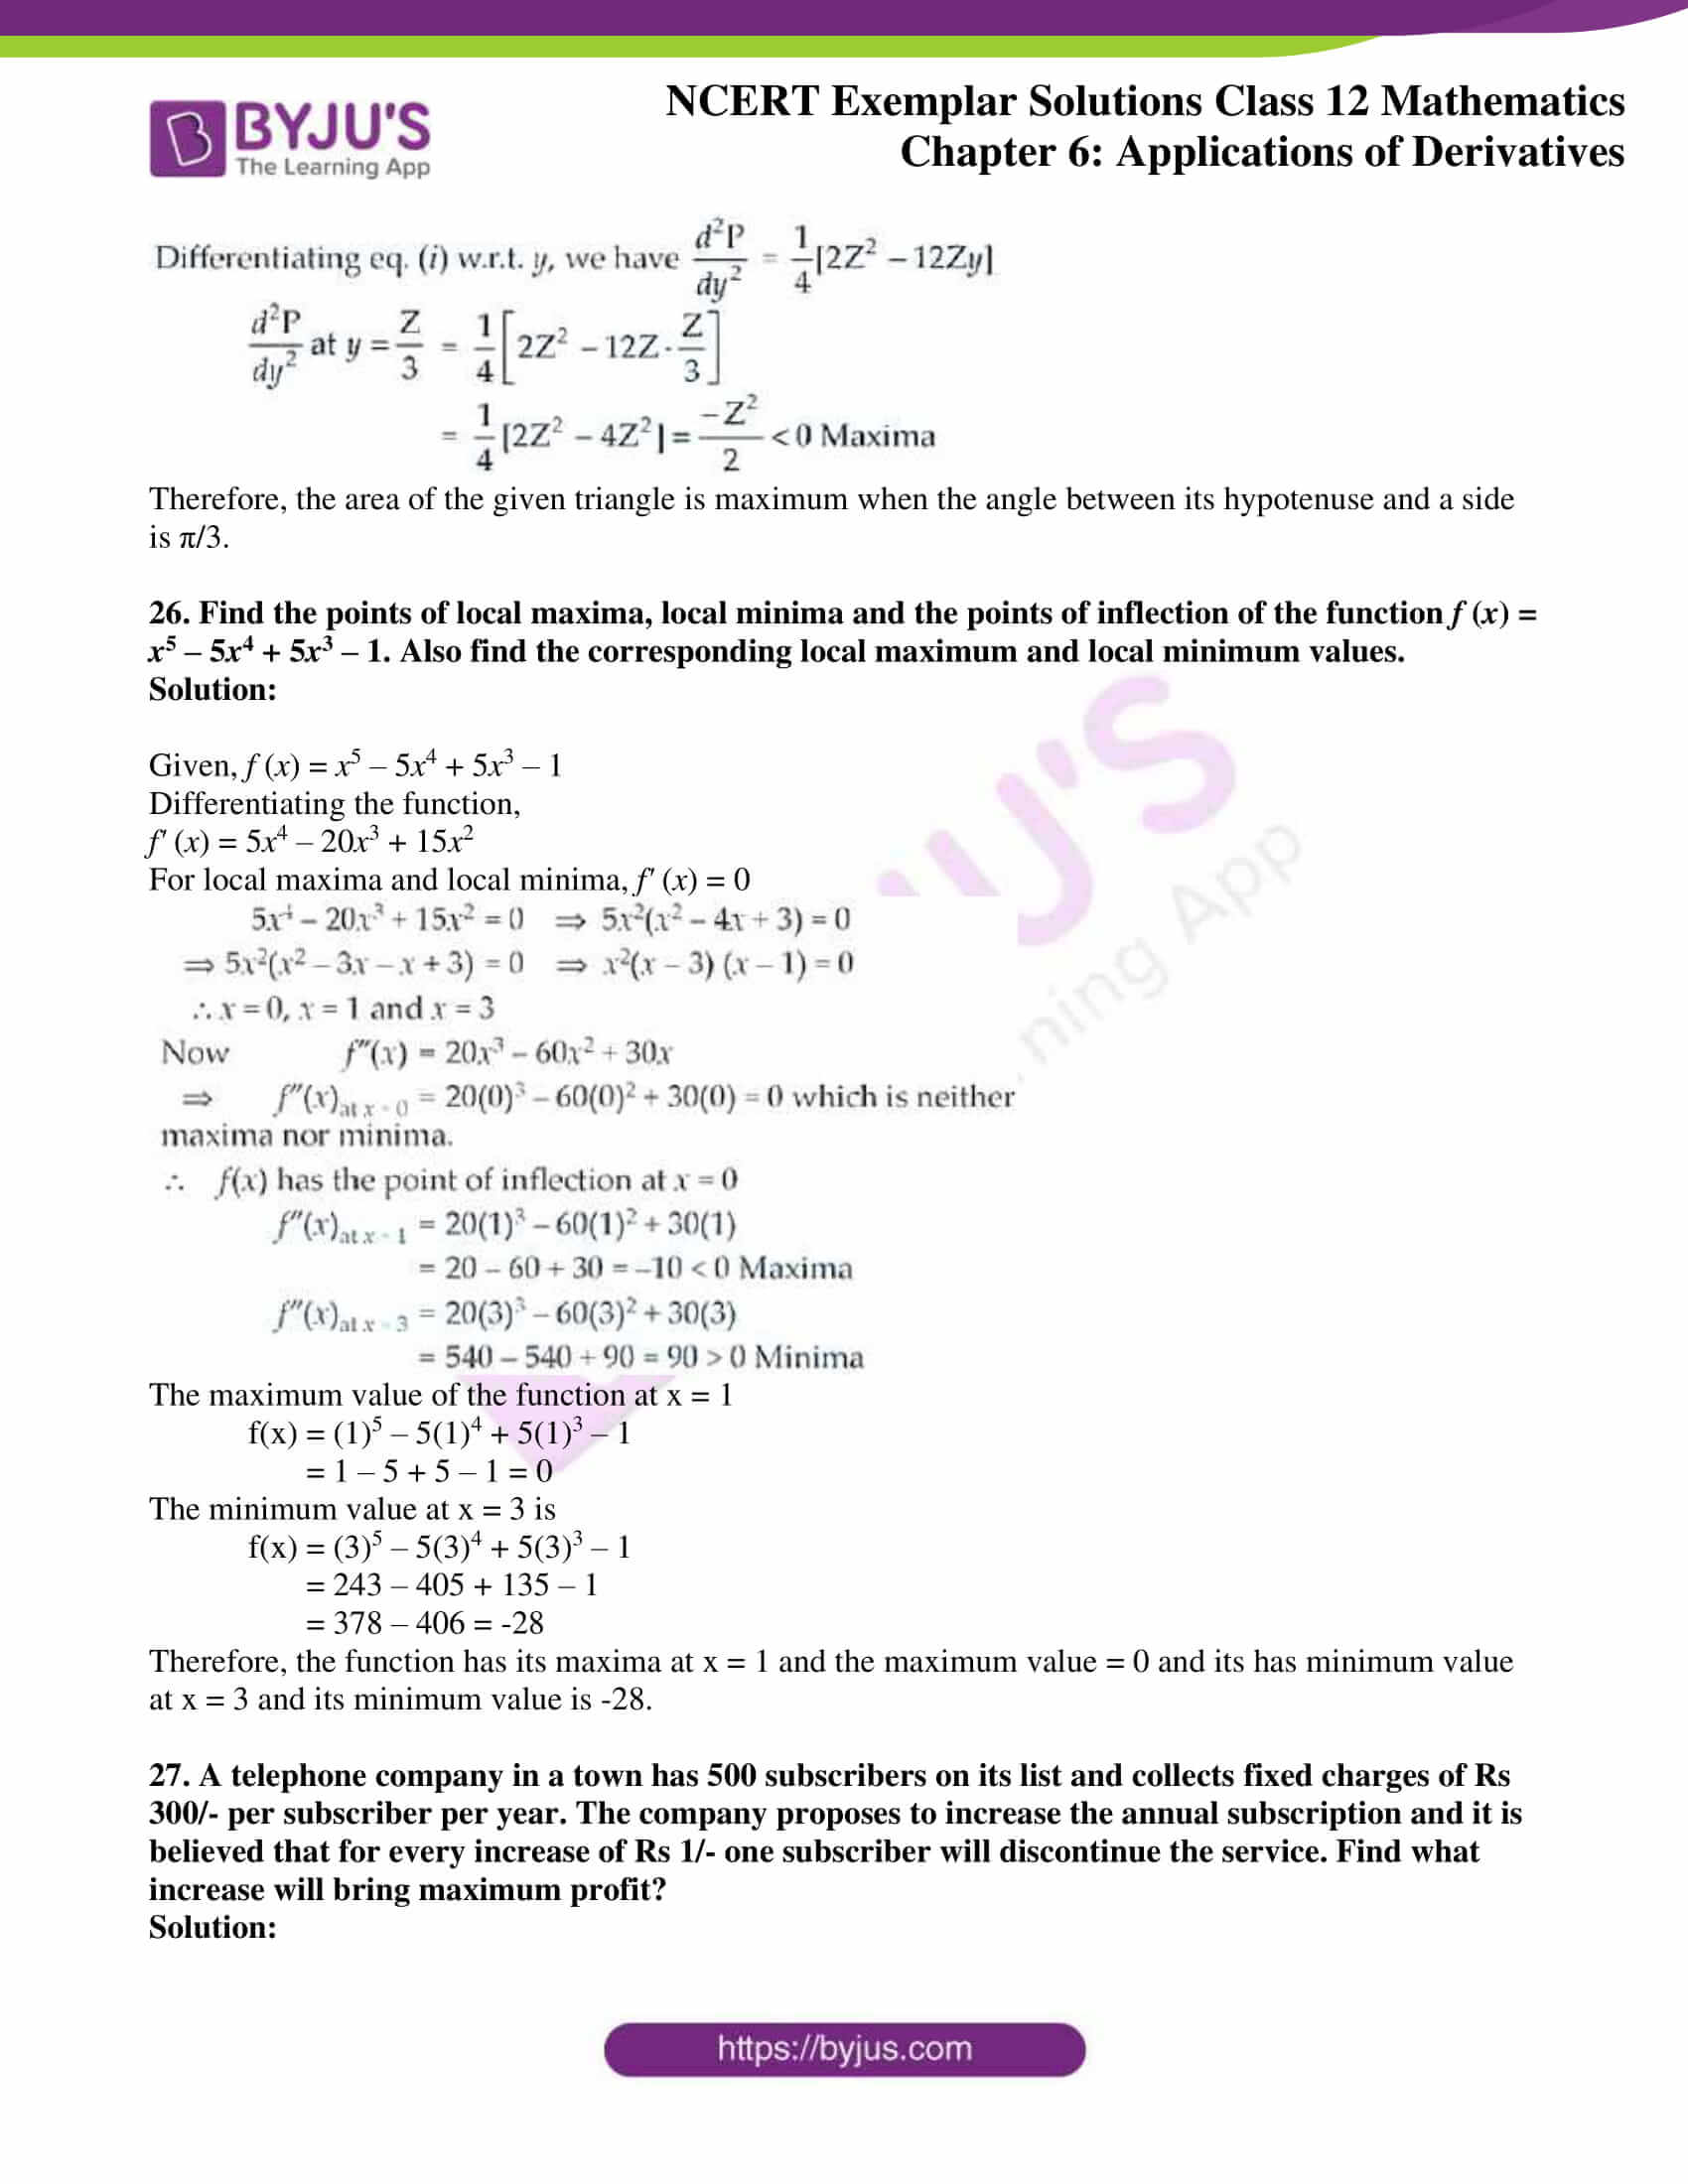 ncert exemplar sol class 12 math ch6 15